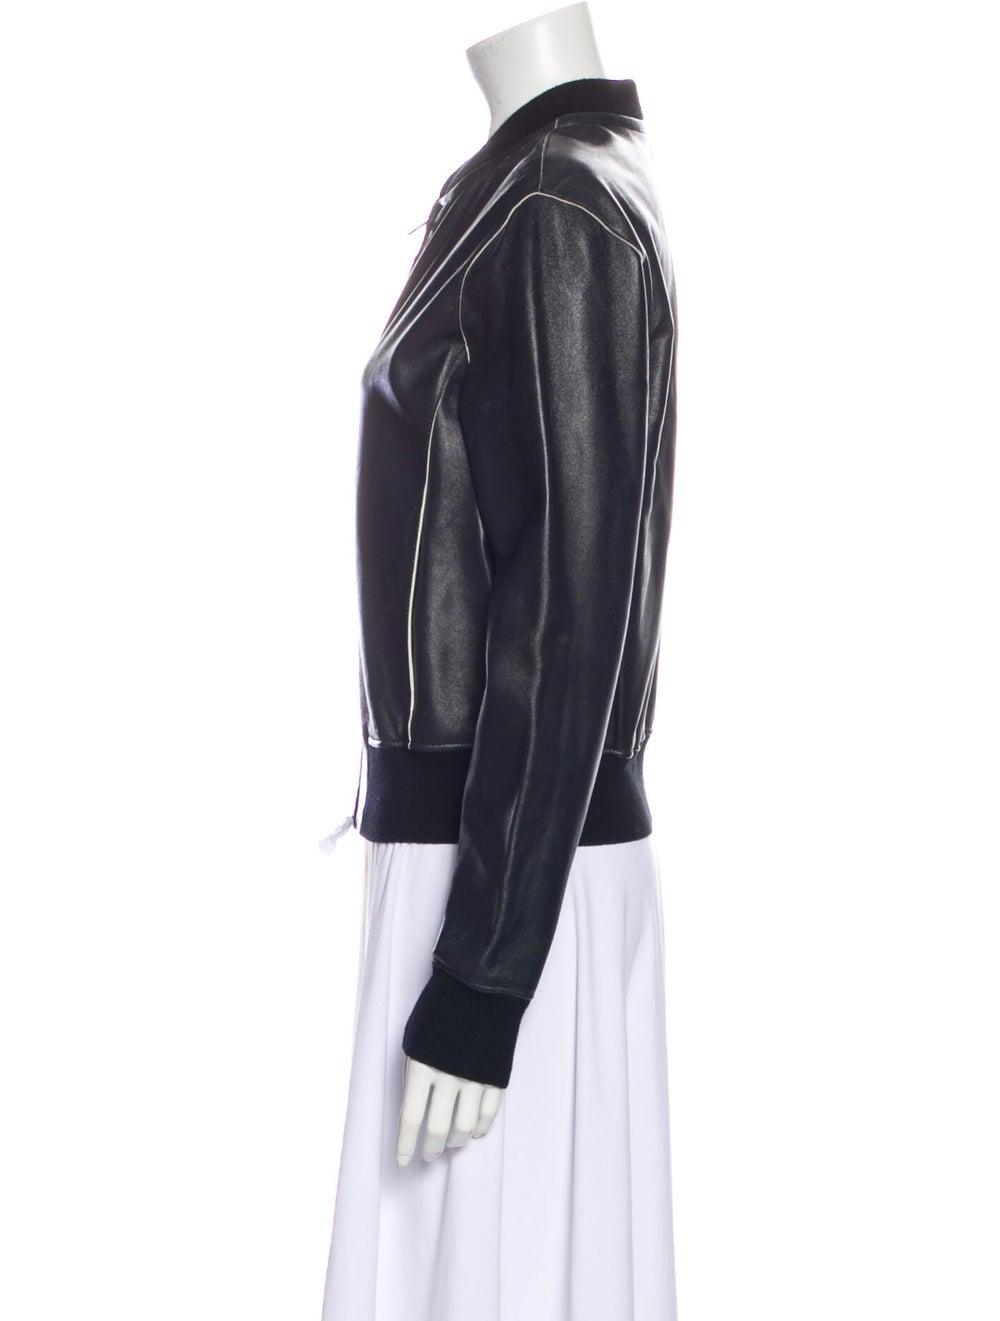 Vince Leather Bomber Jacket Black - image 2